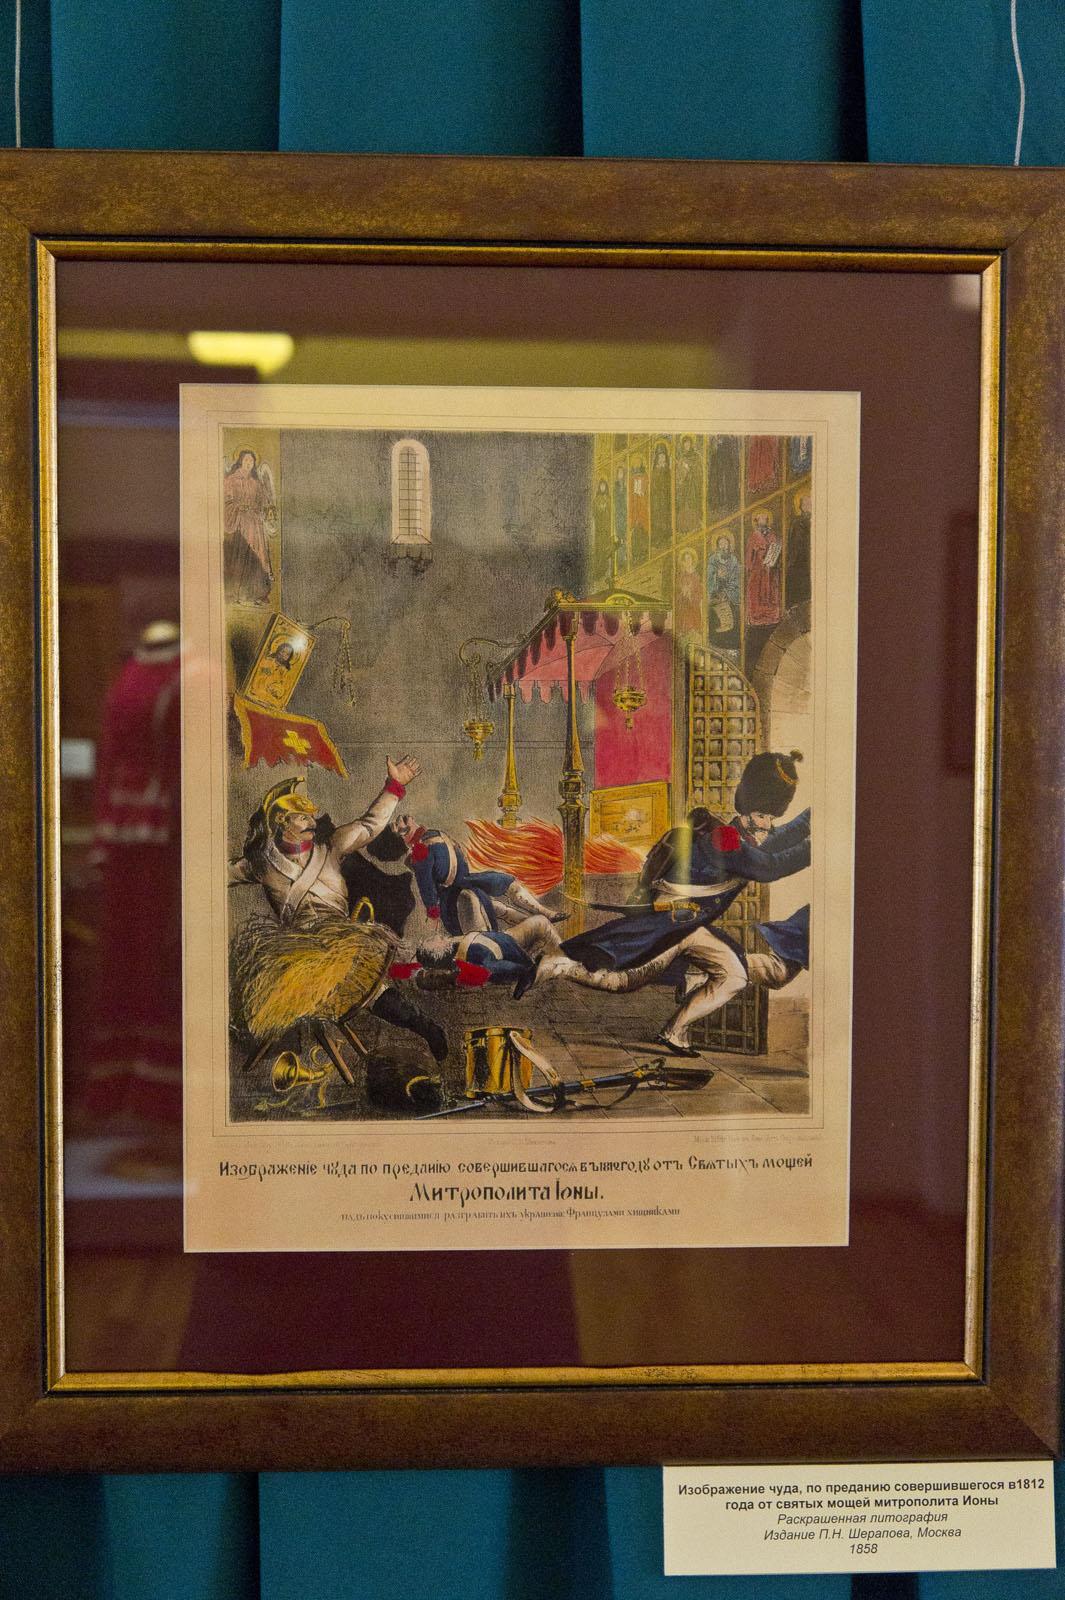 Фото №80039. Изображение чуда, по преданию совершившегося в 1812 году от святых мощей митрополита Ионы